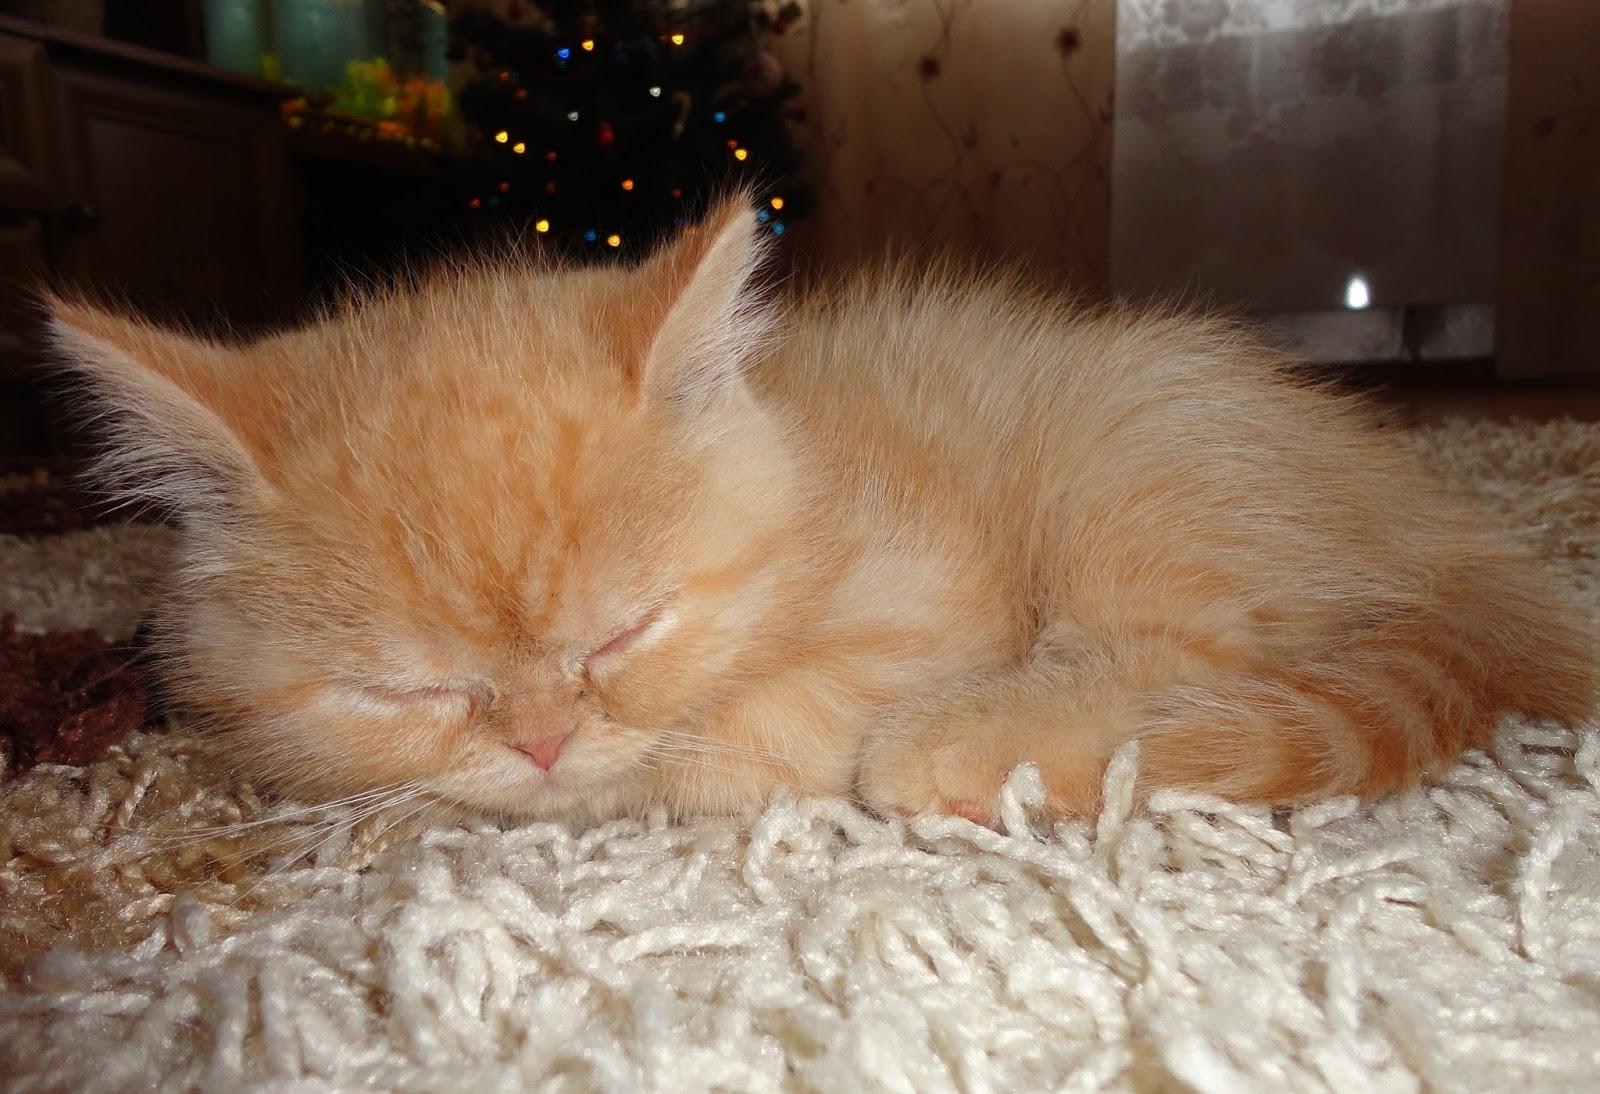 Гром, котик, кот, рыжий кот, котик спит, спящий котенок